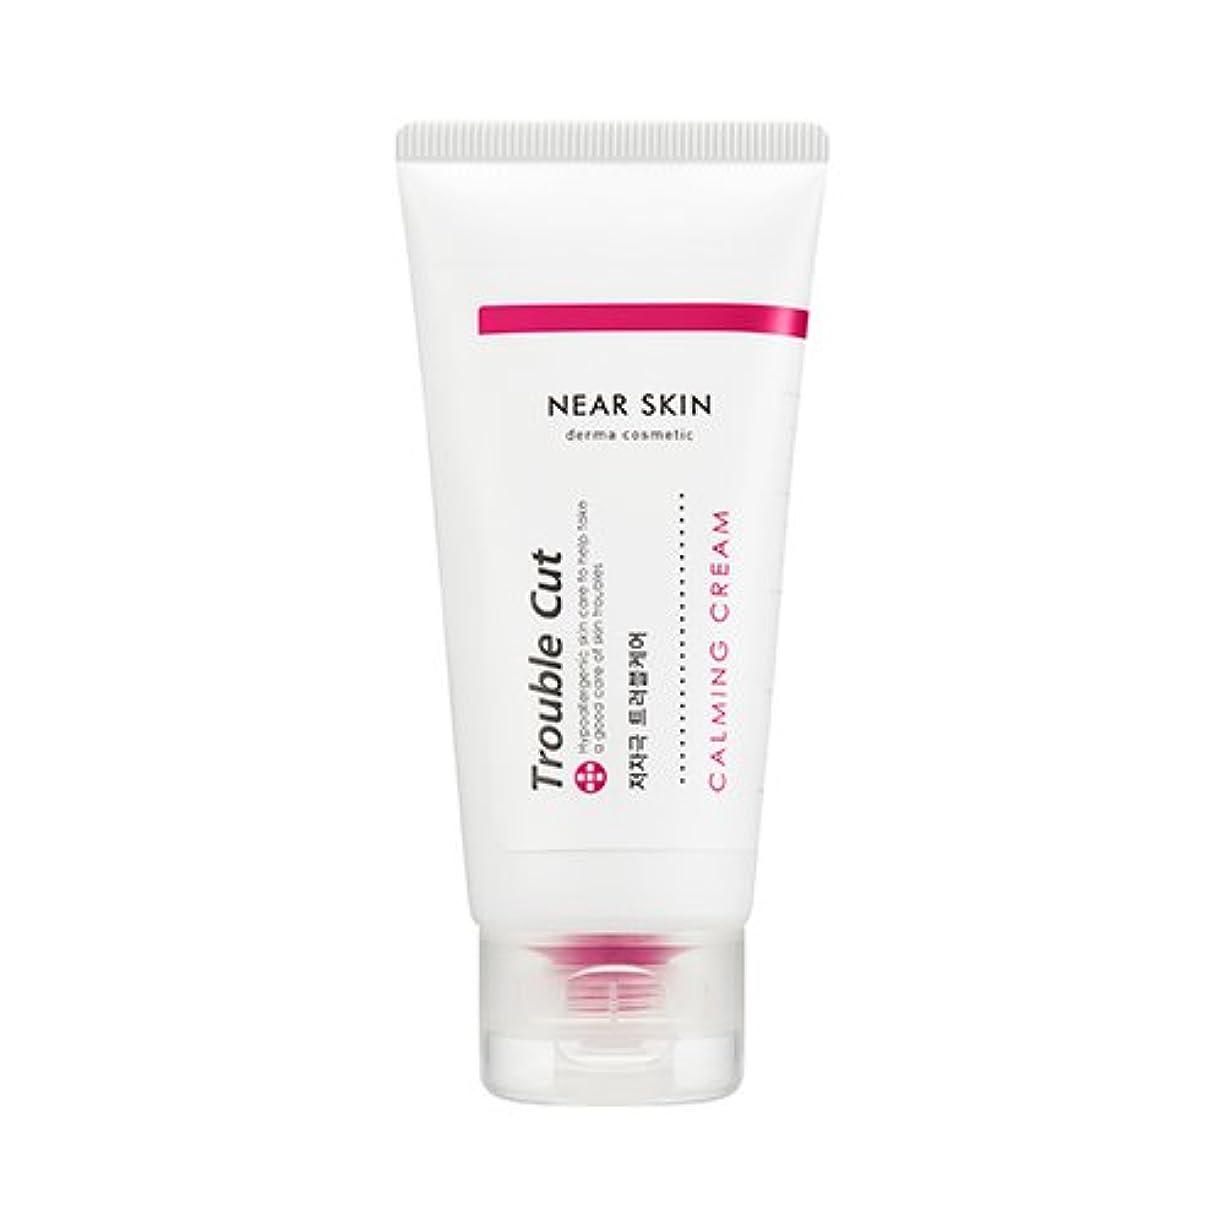 識字戻る代替MISSHA [Near Skin] Trouble Cut Calming Cream 20ml / ミシャ ニアスキン トラブルカットカミングクリーム [並行輸入品]